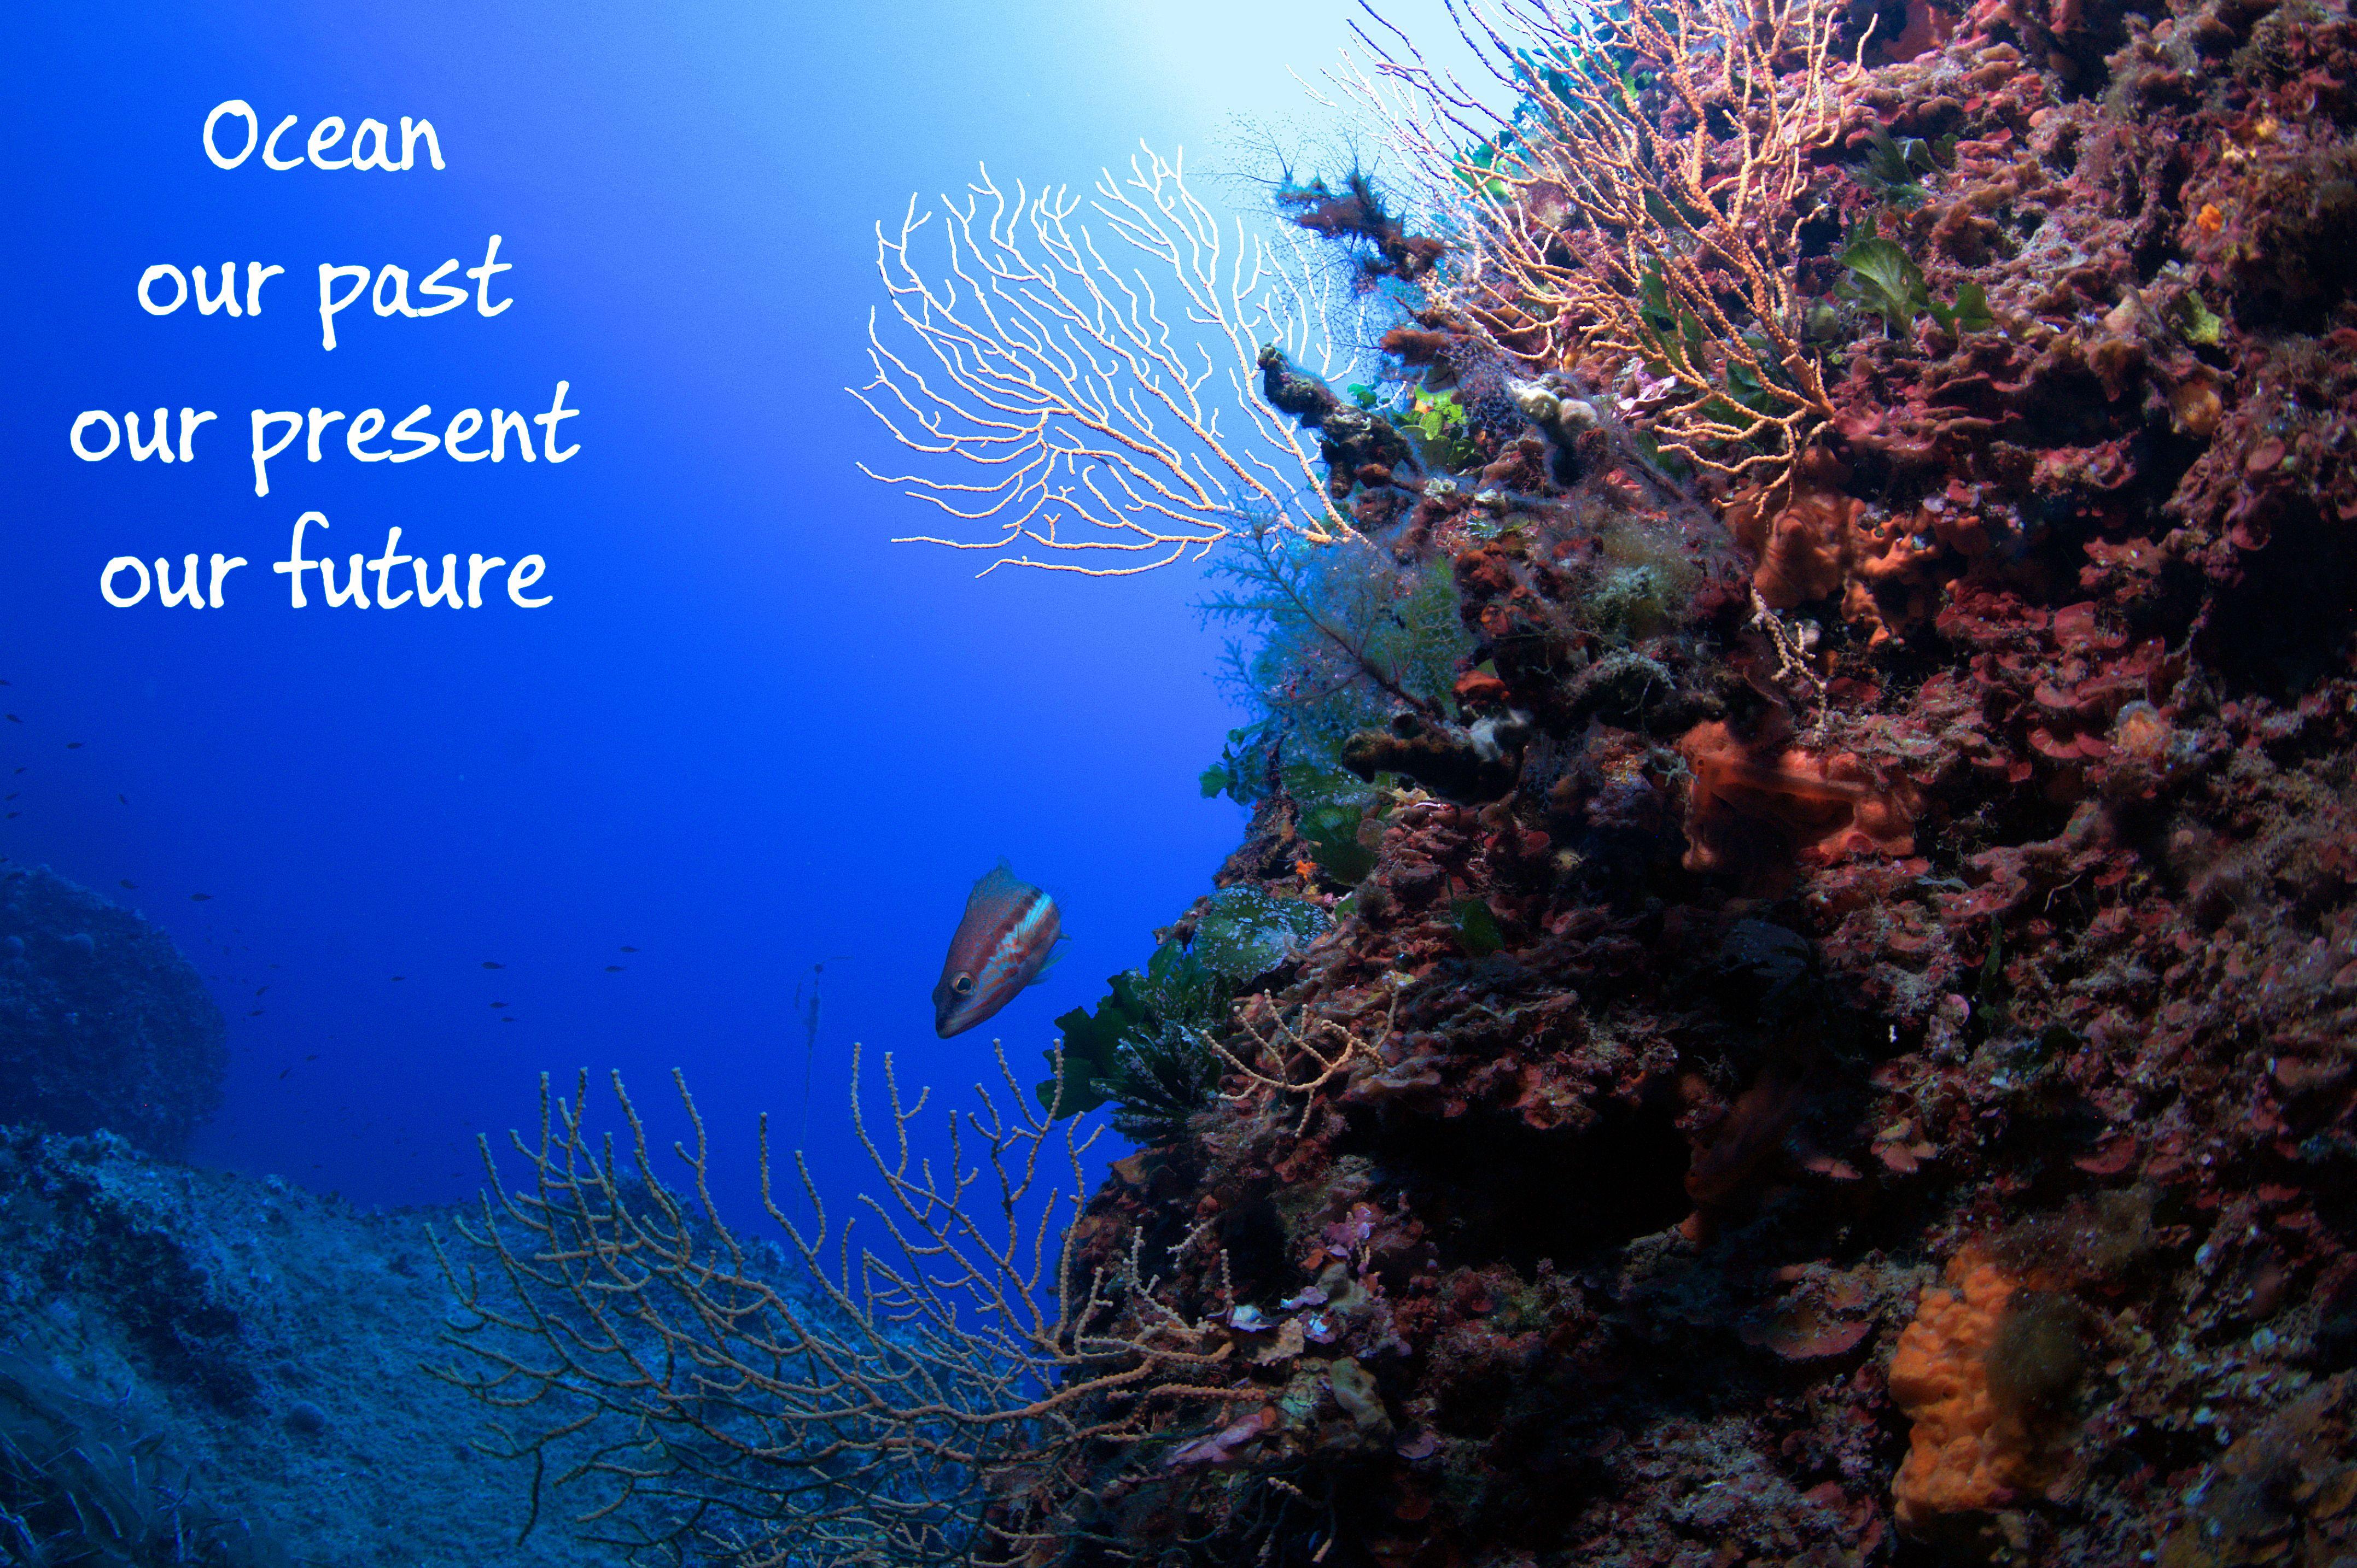 World Ocean Day  2017: un'occasione per parlare di sostenibilità ecologica contro le plastiche abbandonate nell'ambiente